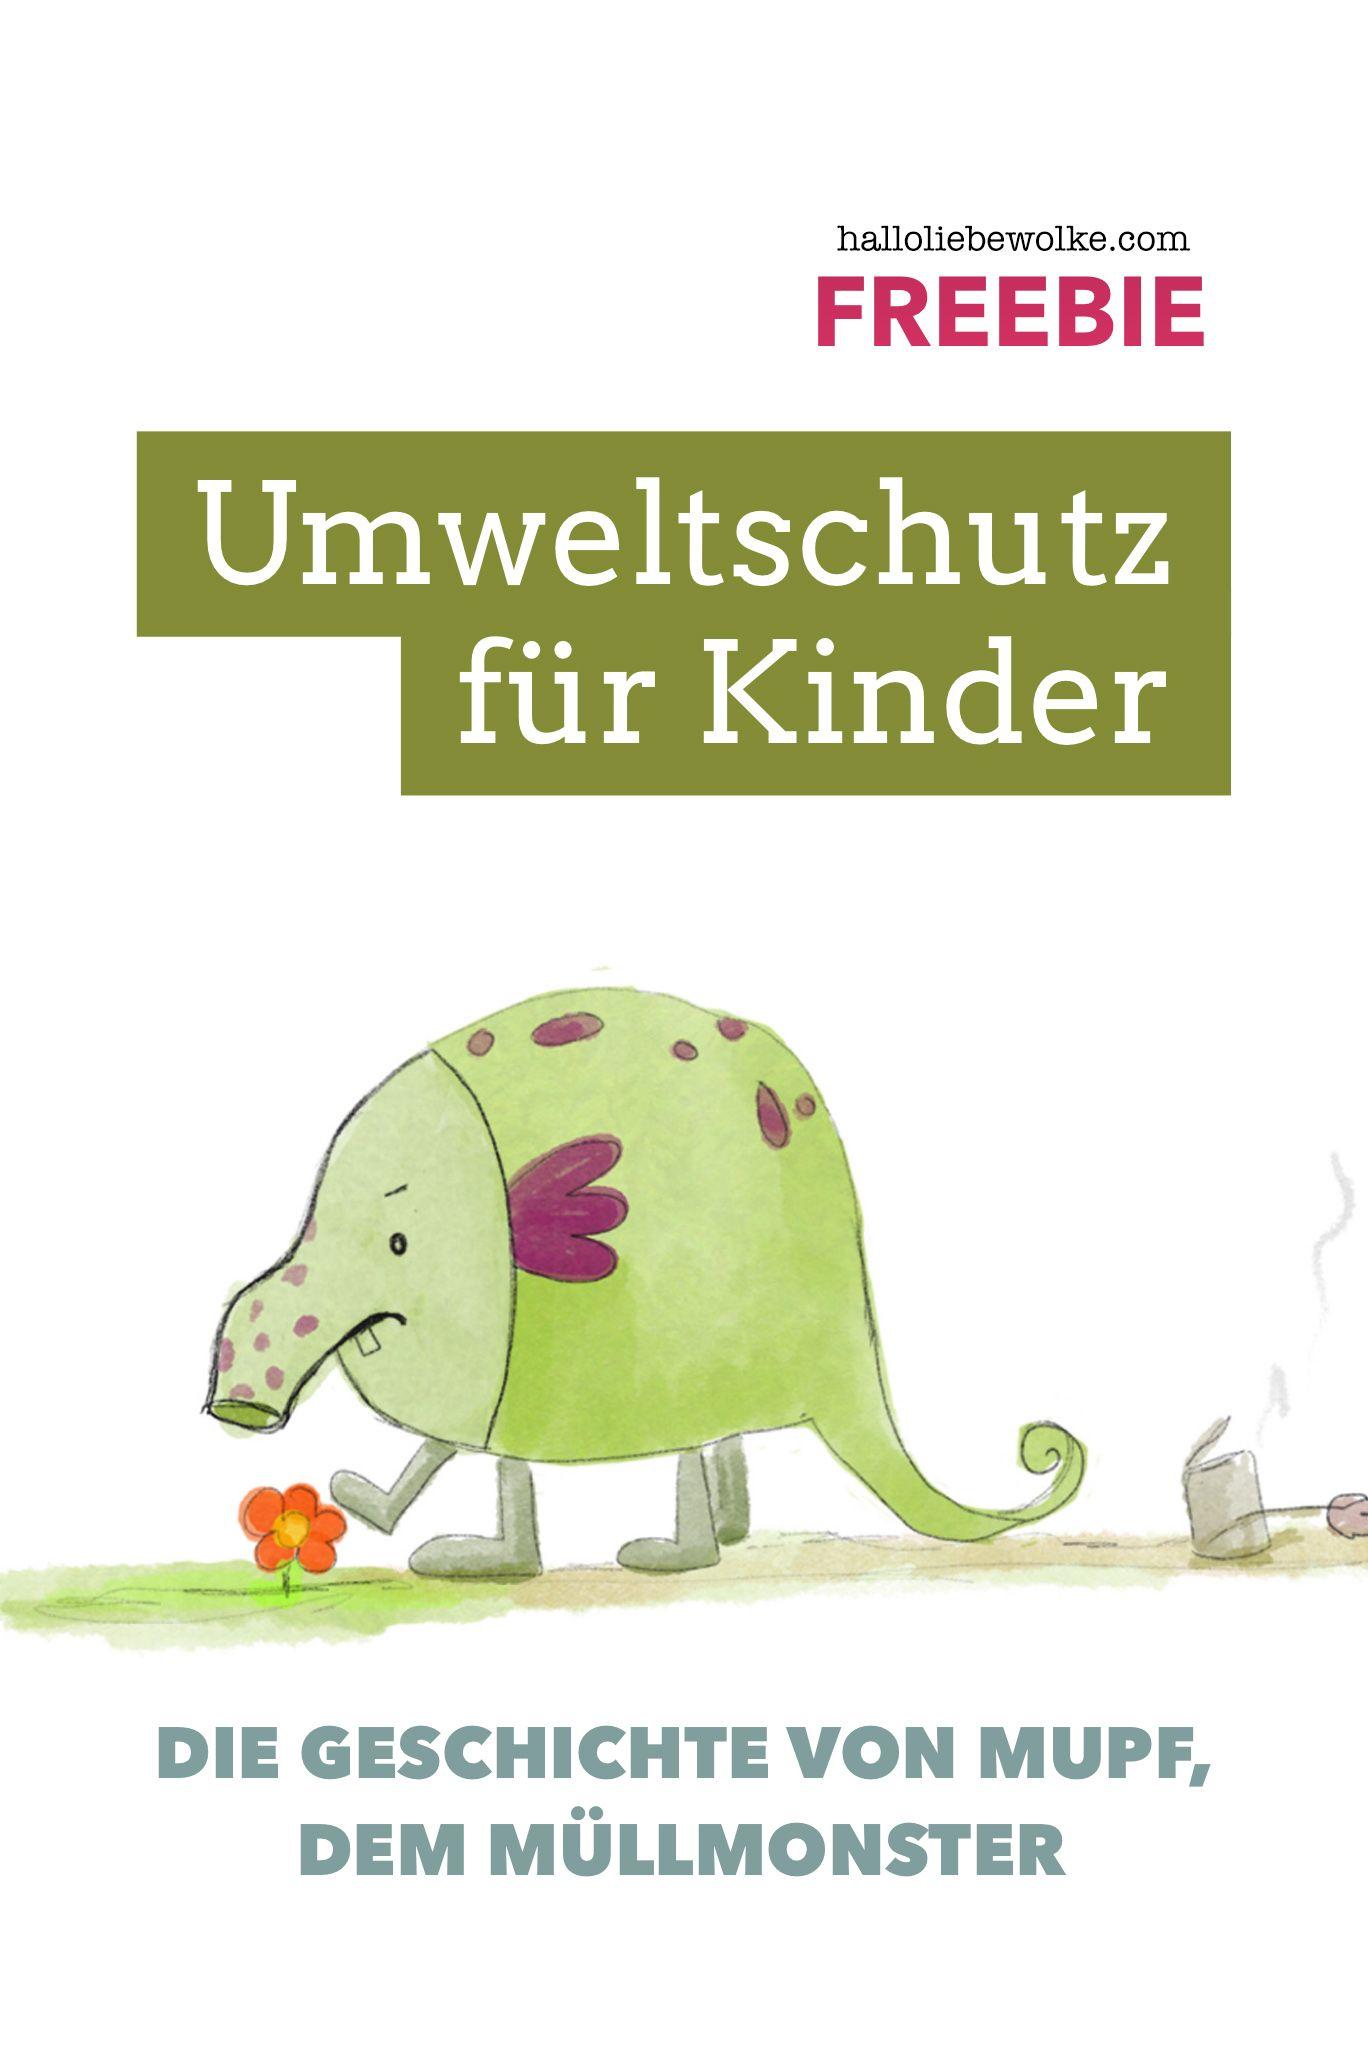 Mupf Das Mullmonster Umweltschutz Fur Kinder Lerngeschichte Geschichten Fur Kinder Umweltschutz Geschichten Zum Vorlesen